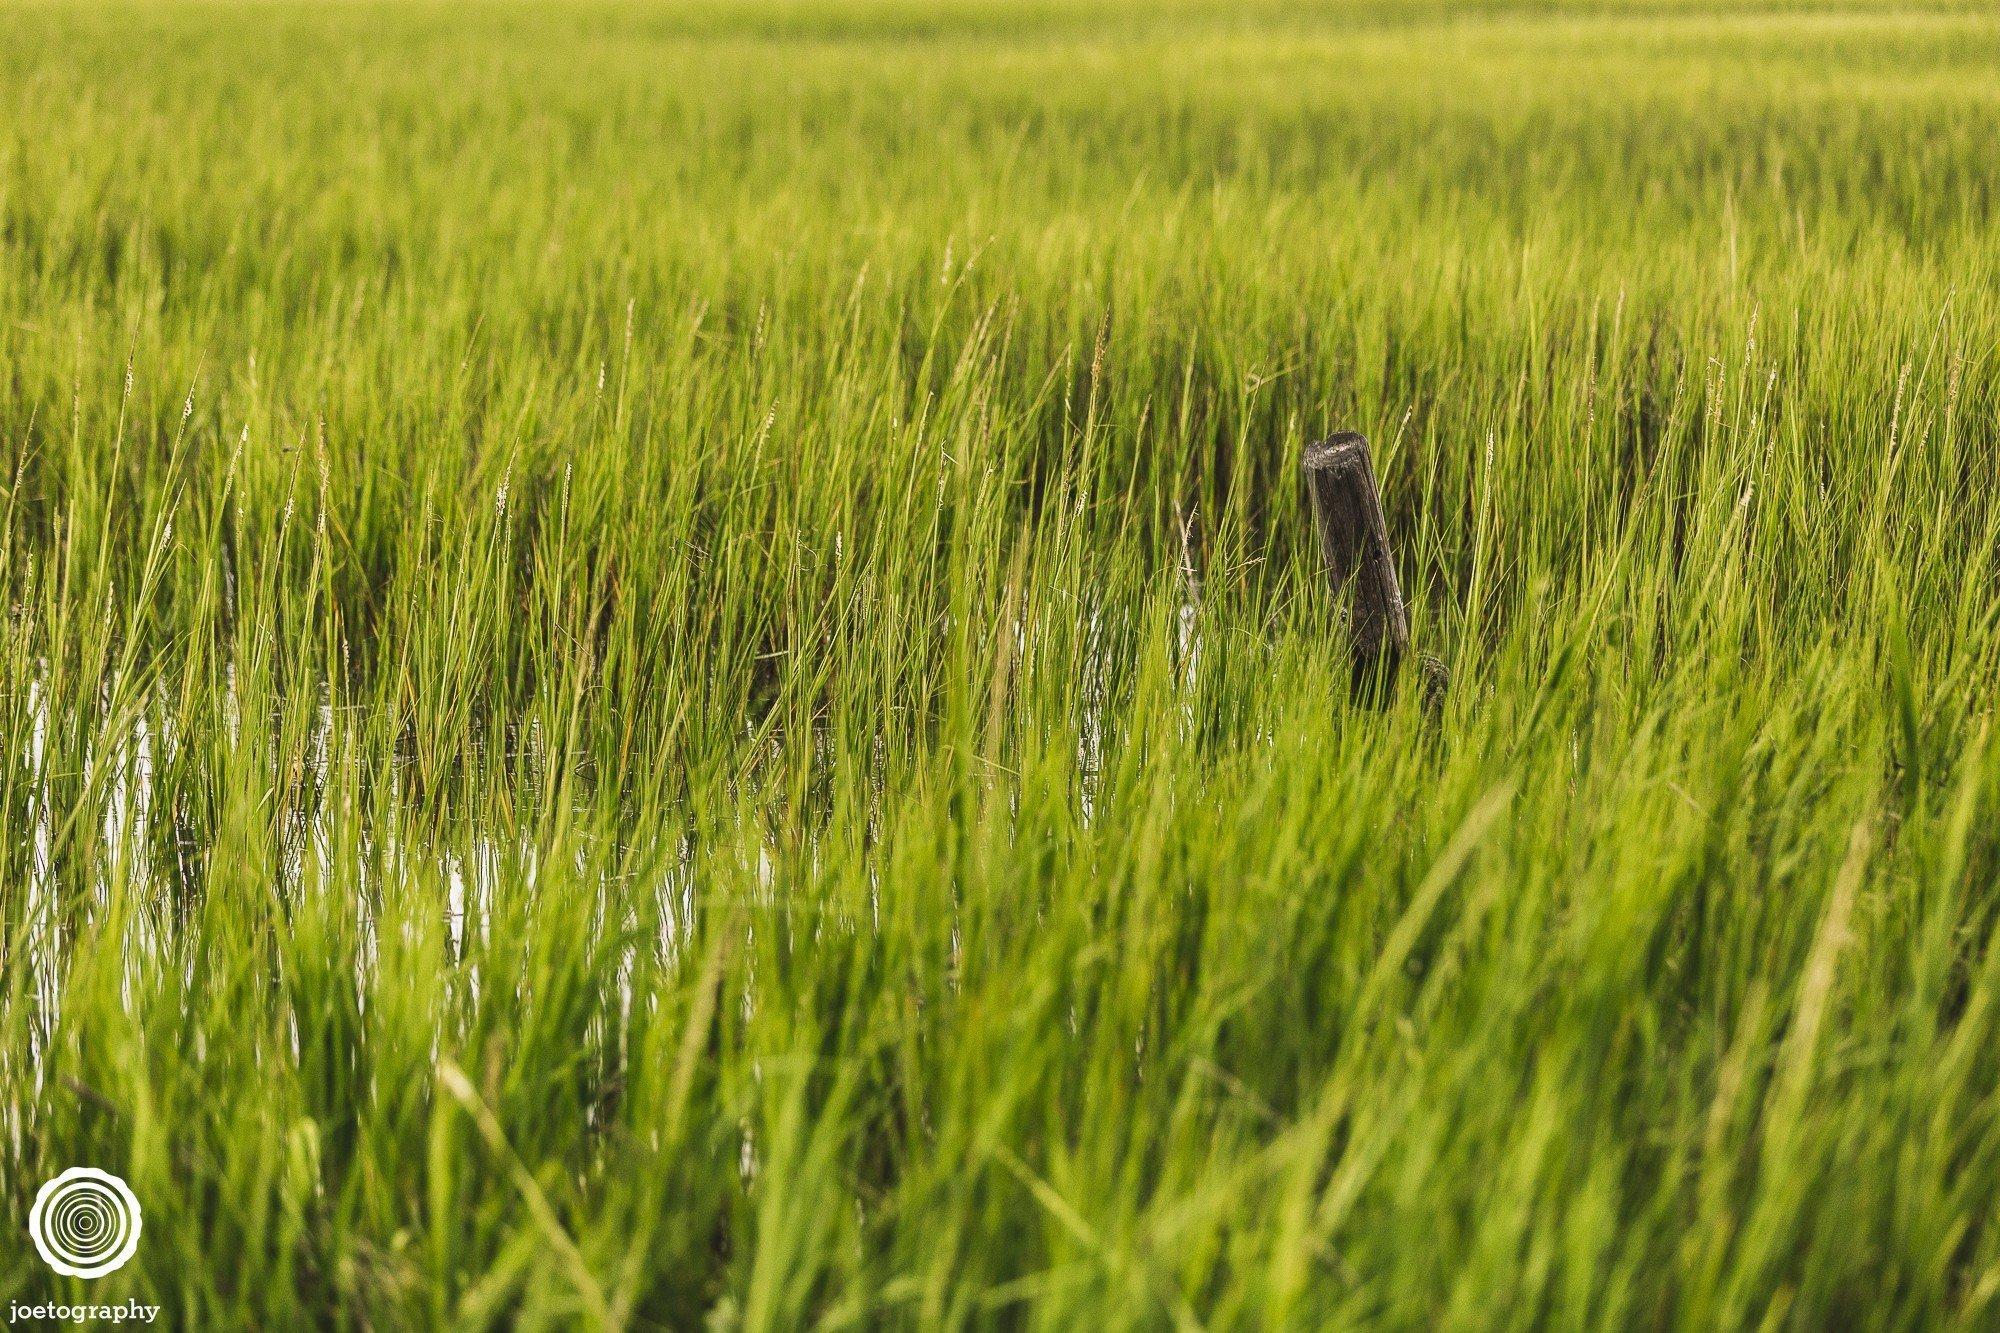 pawleys-island-south-carolina-landscape-photographer-indianapolis-16